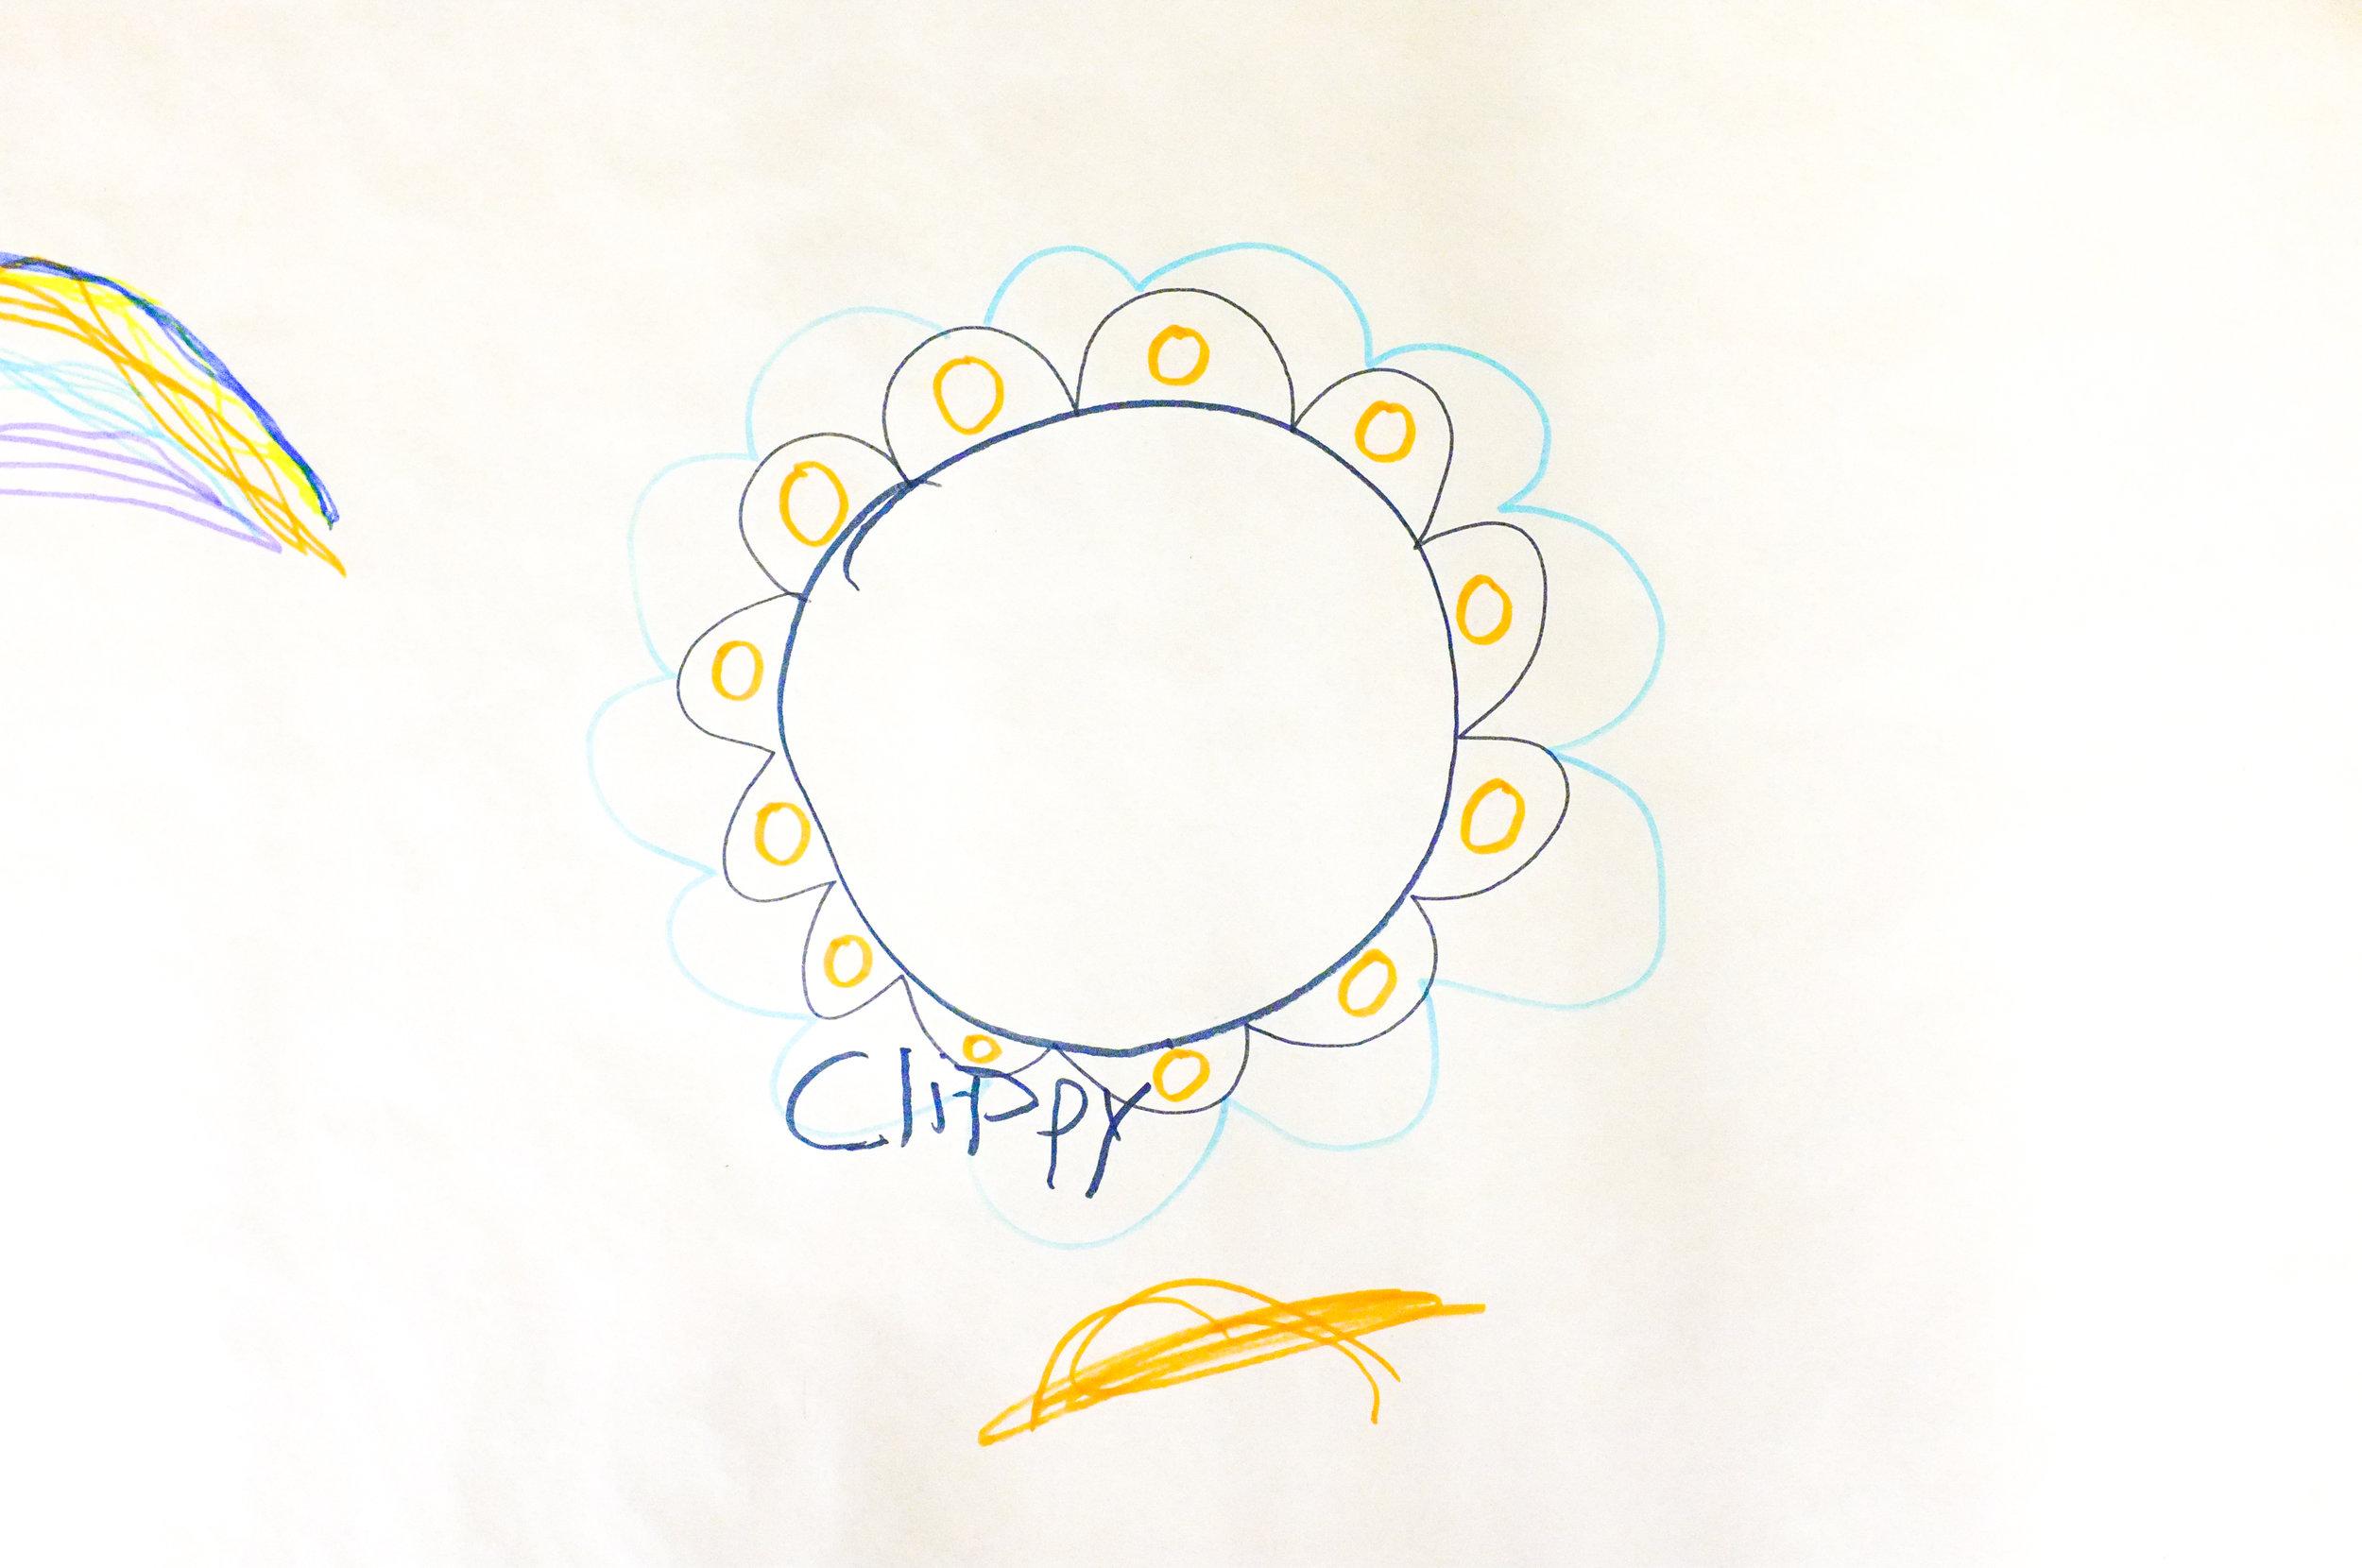 ClippyV_2-1-5.jpg